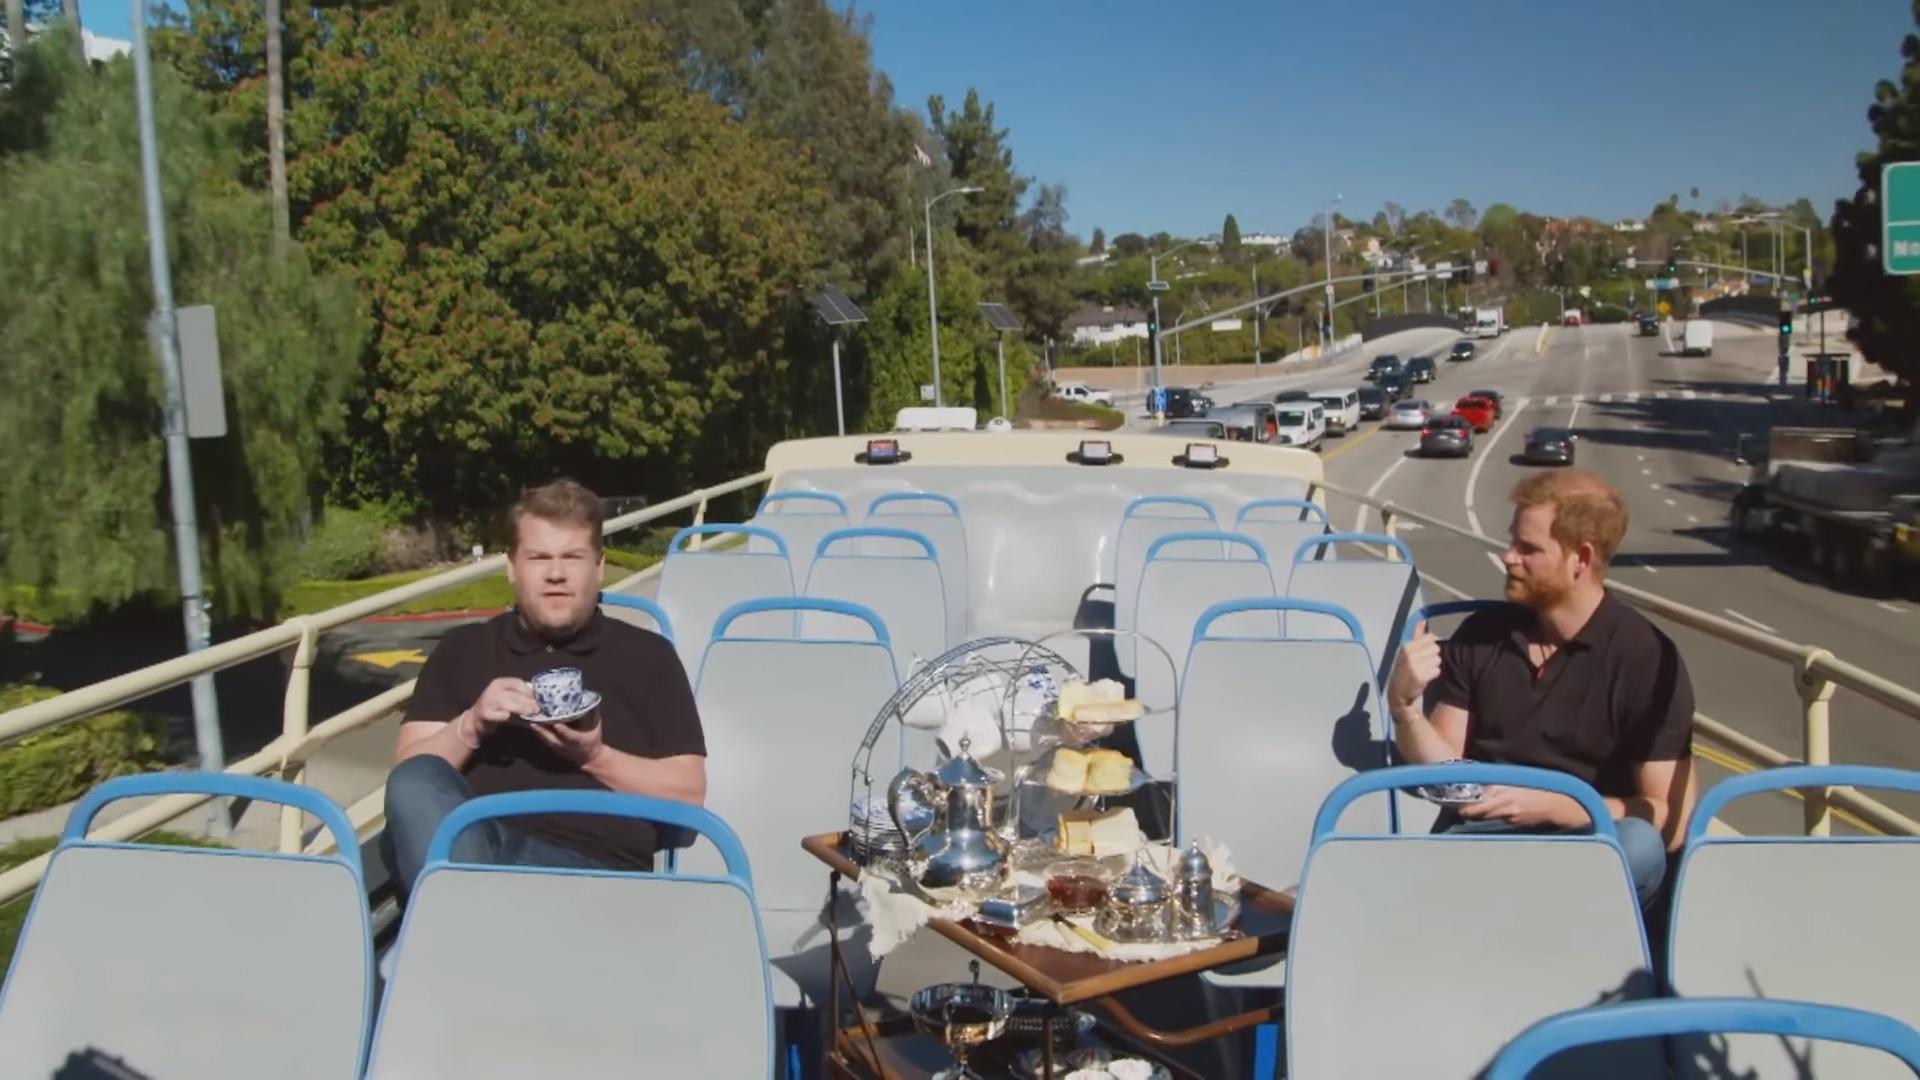 príncipe Harry y James Corden tomando té